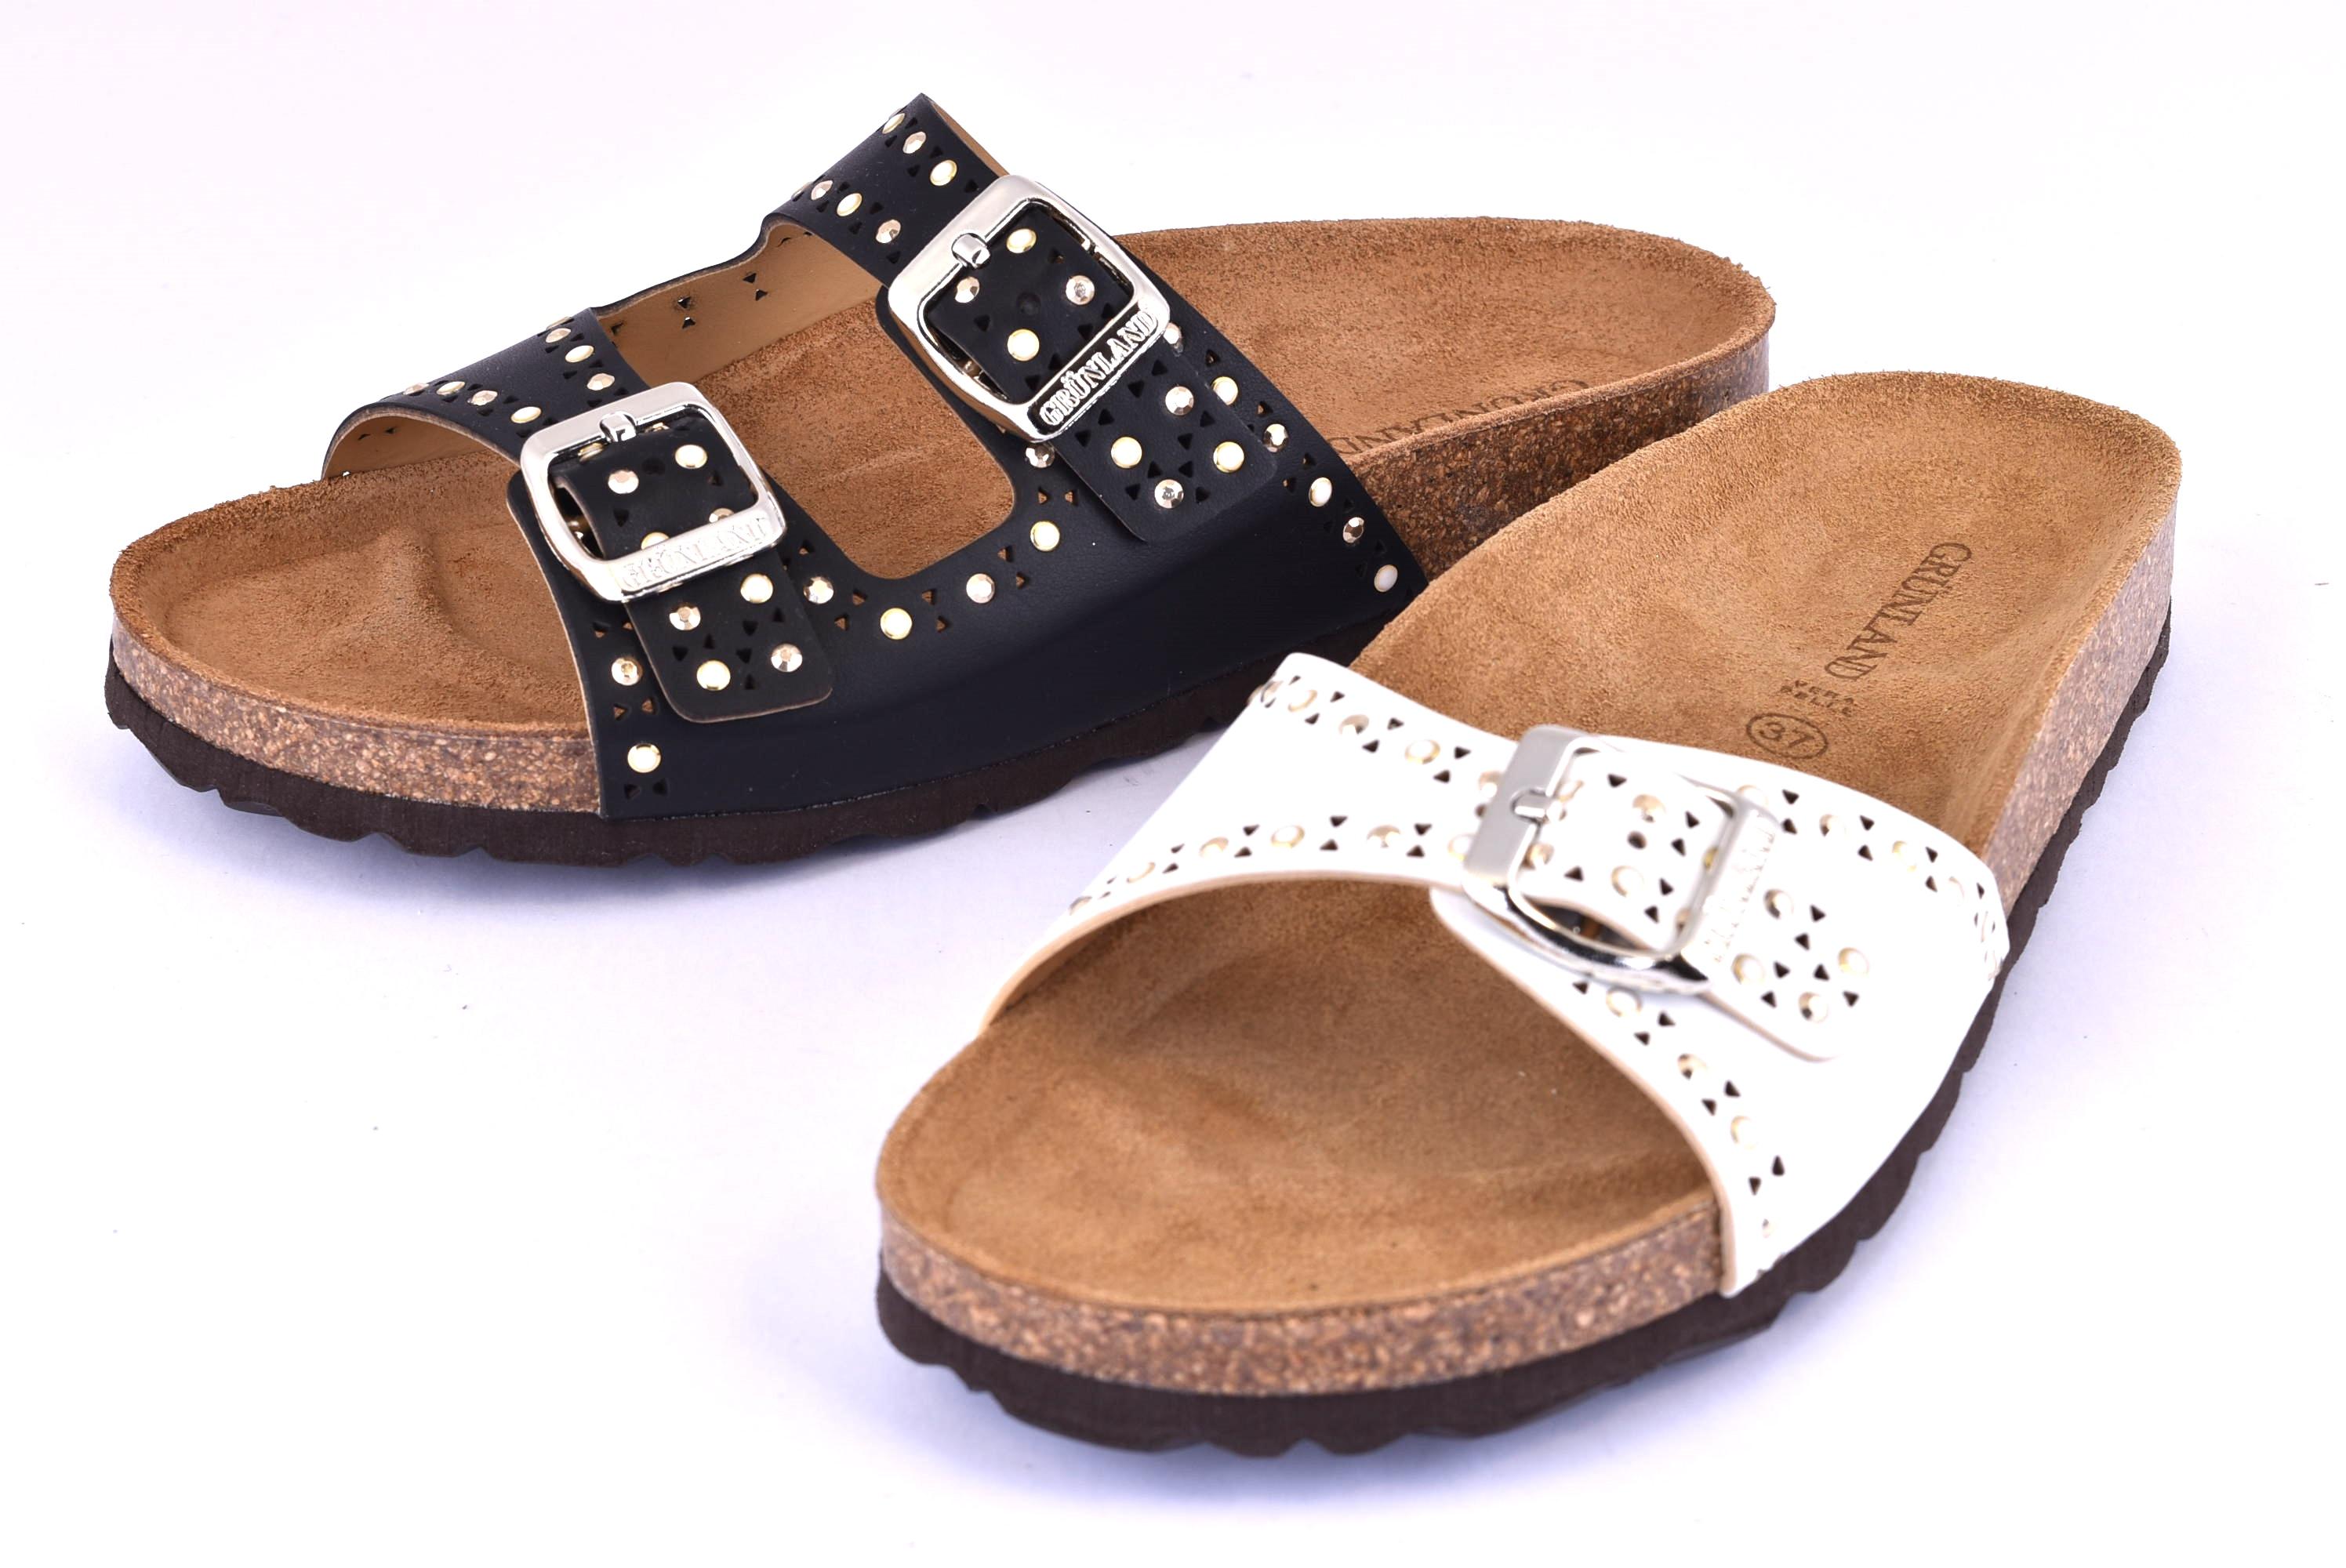 Abbigliamento e accessori Grunland Donna CB0029-70 Ciabatte Primavera/Estate Vernice Pantofole